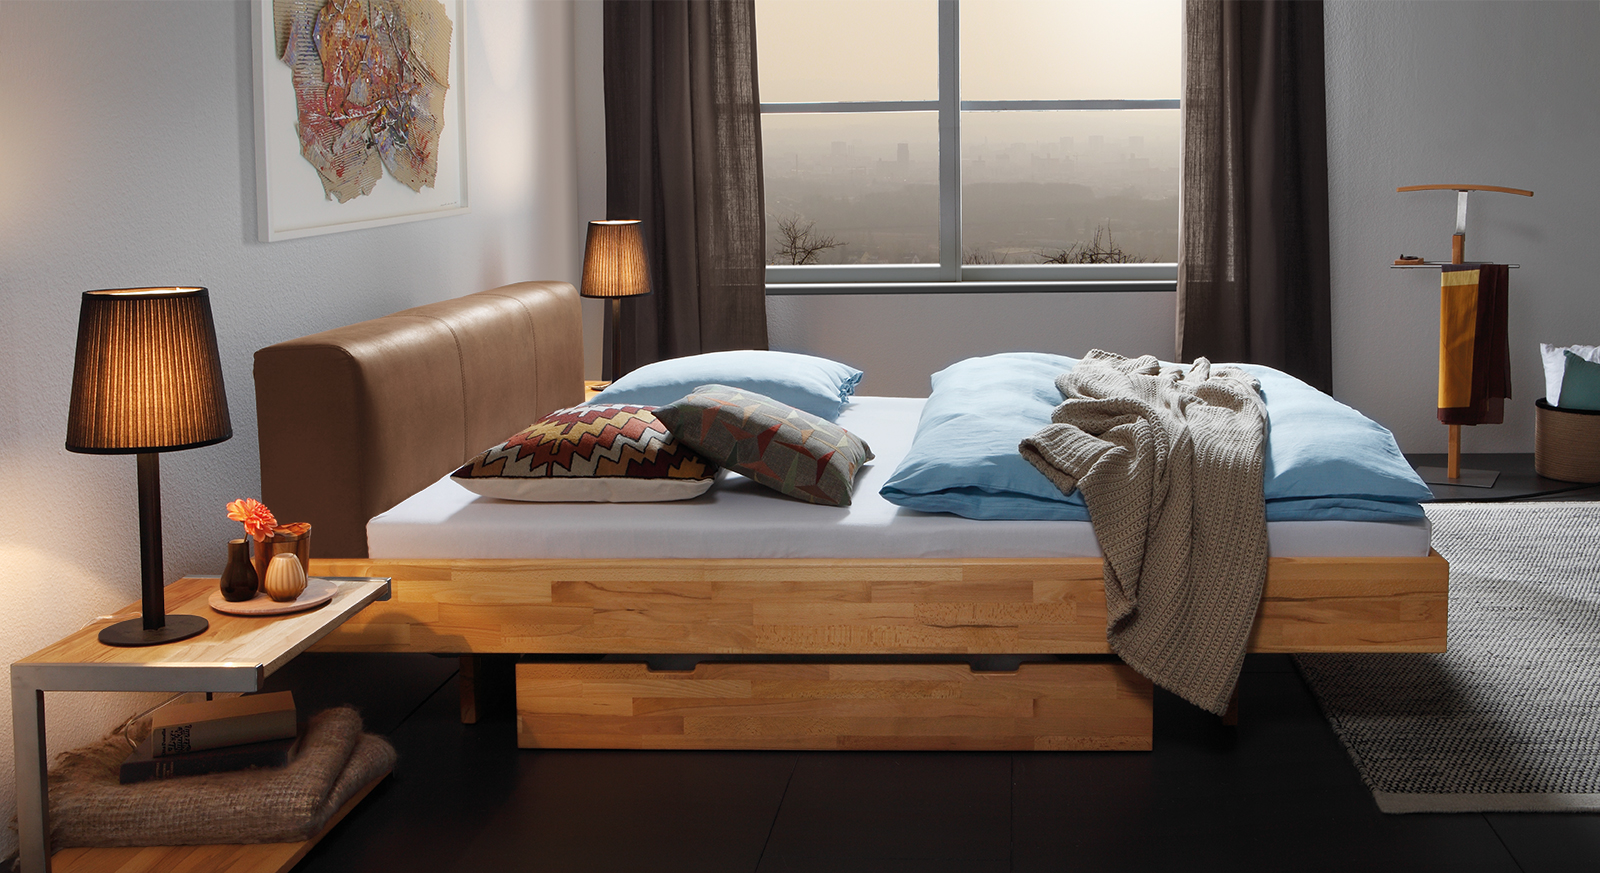 Hochwertiges Massivholzbett Vimara mit passenden Produkten